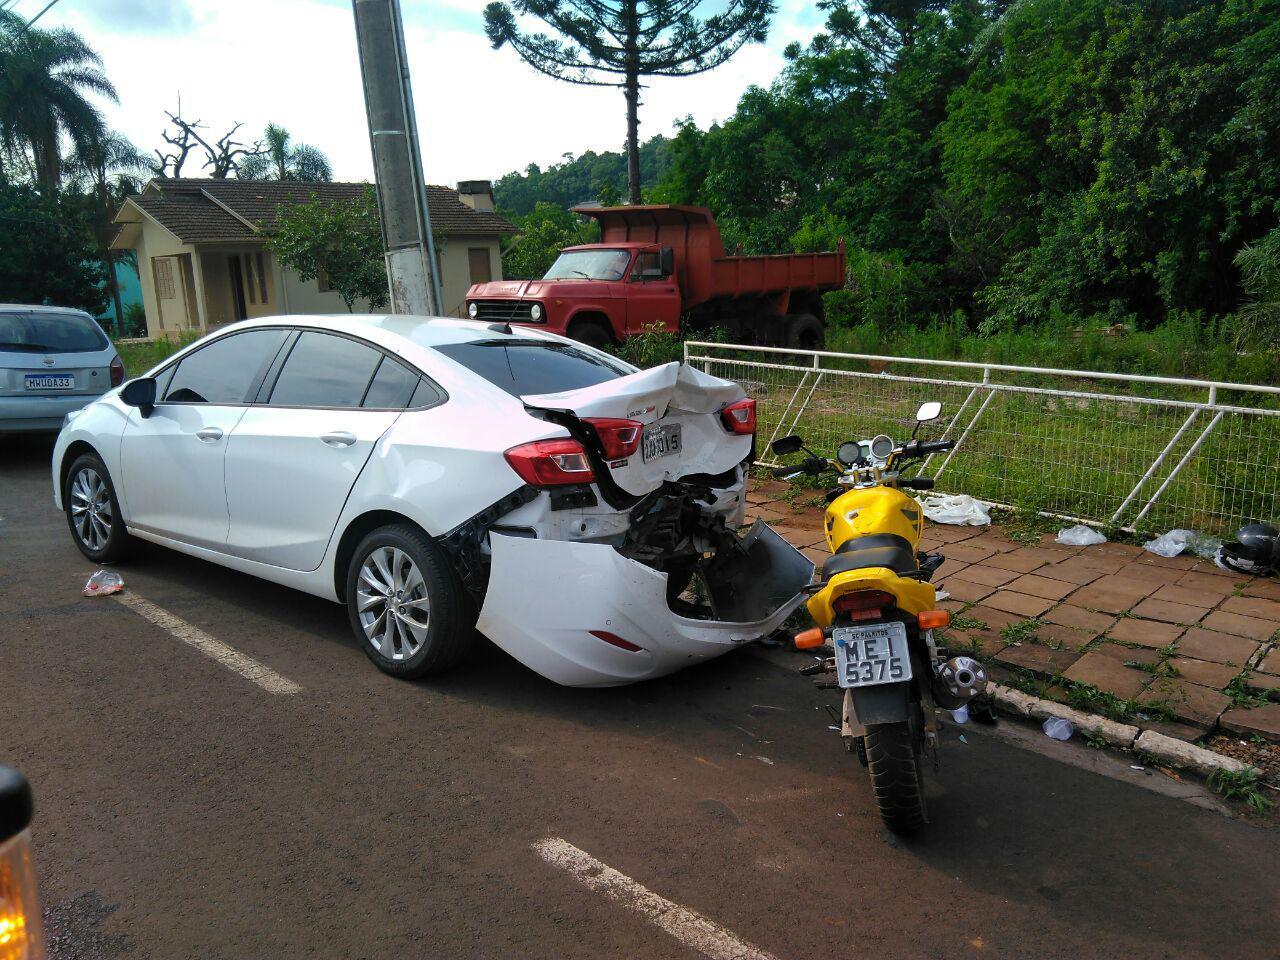 Motociclista atropela idosa e bate em carro em Palmitos - Portal DI Online